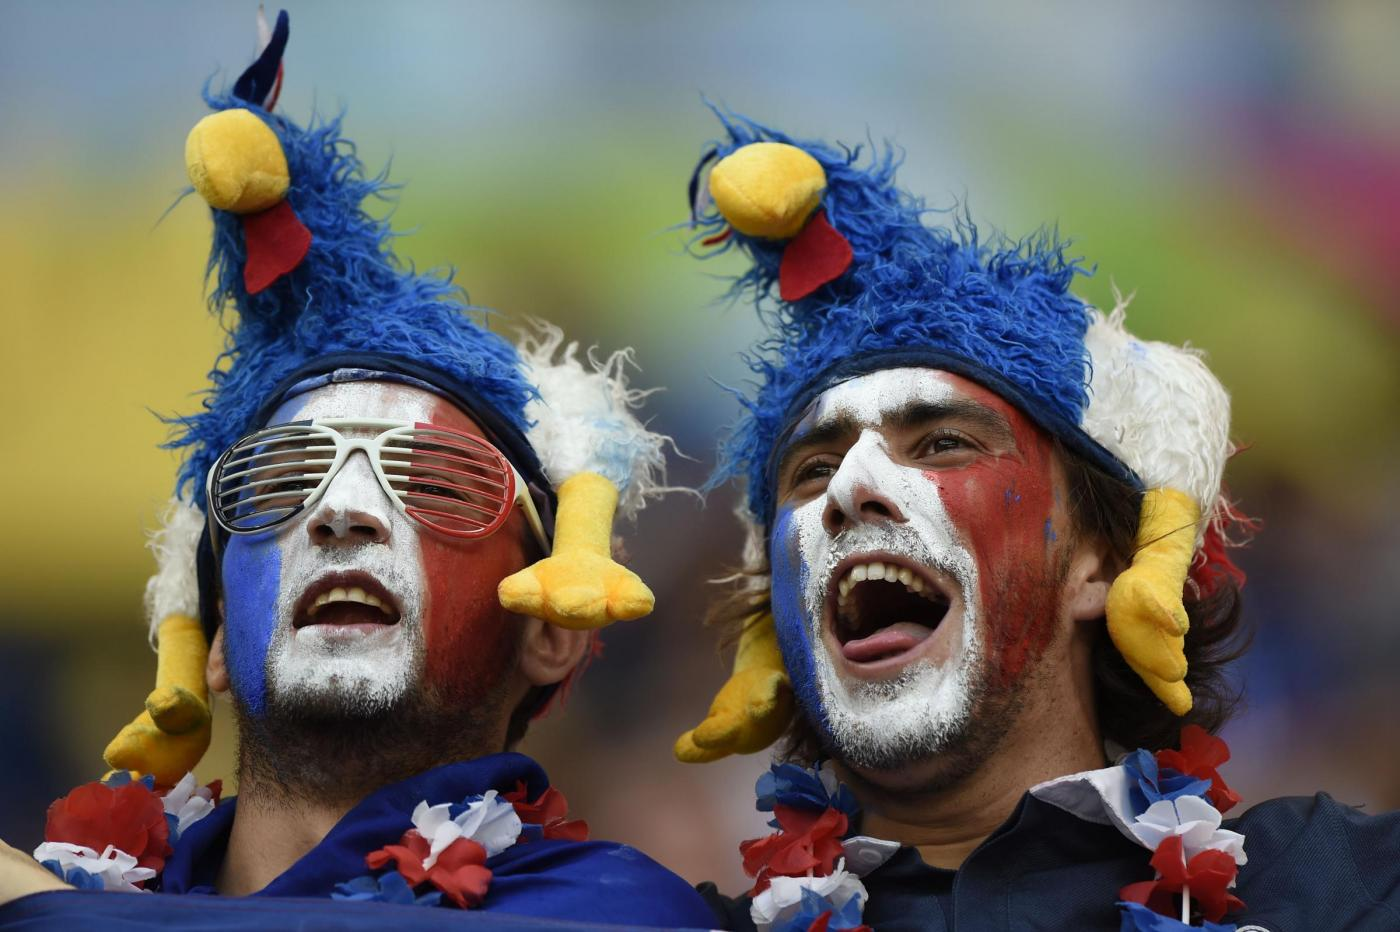 National Francia 5 aprile: squadre in campo per il 29 esimo turno della Serie C francese. Rodez primo a quota 60 punti all'attivo.